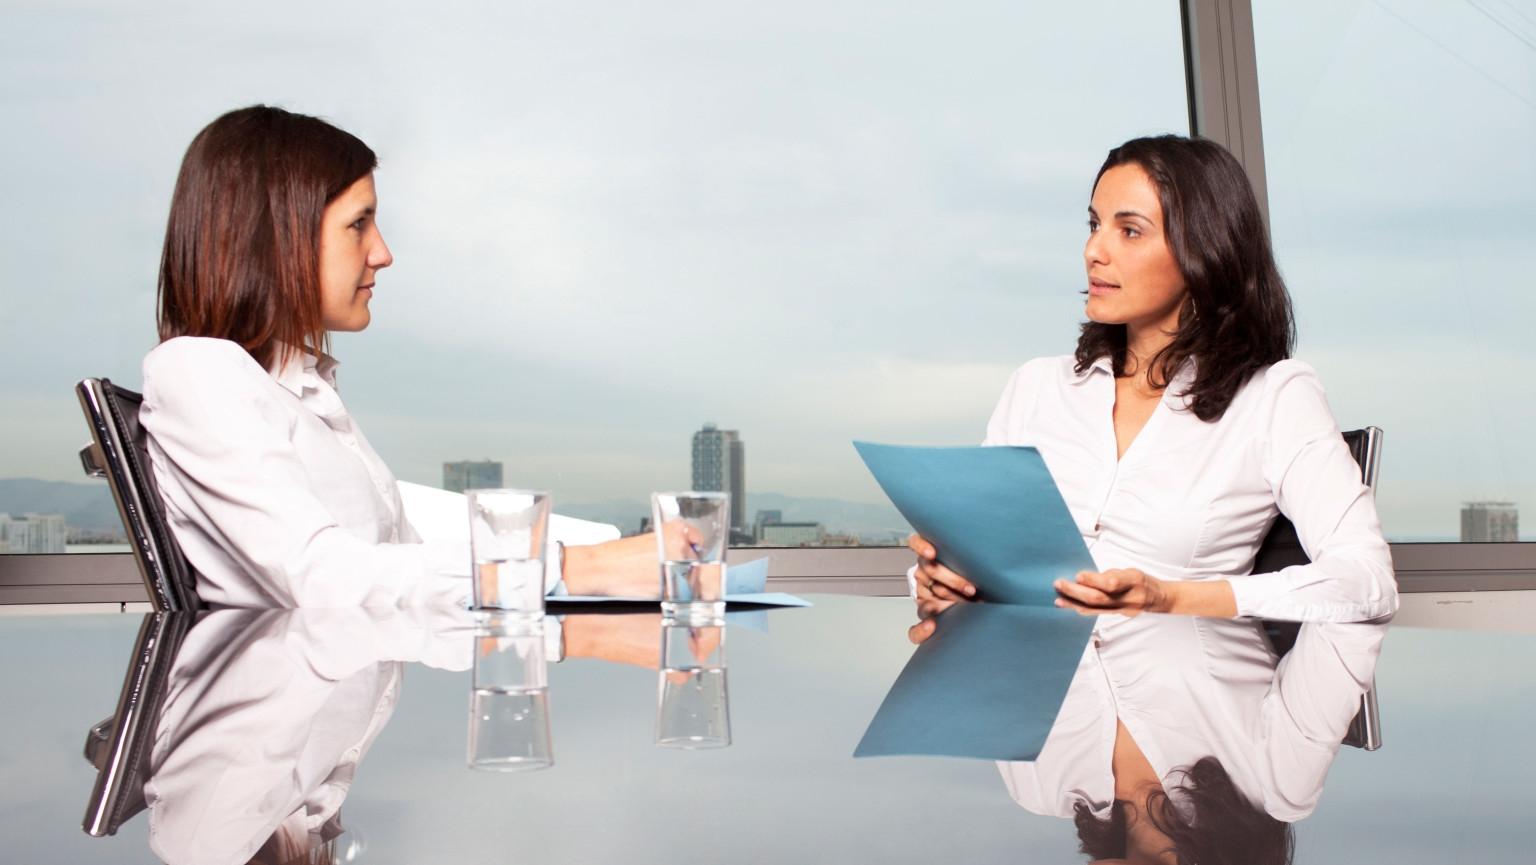 hight resolution of interviewing tips women jpg